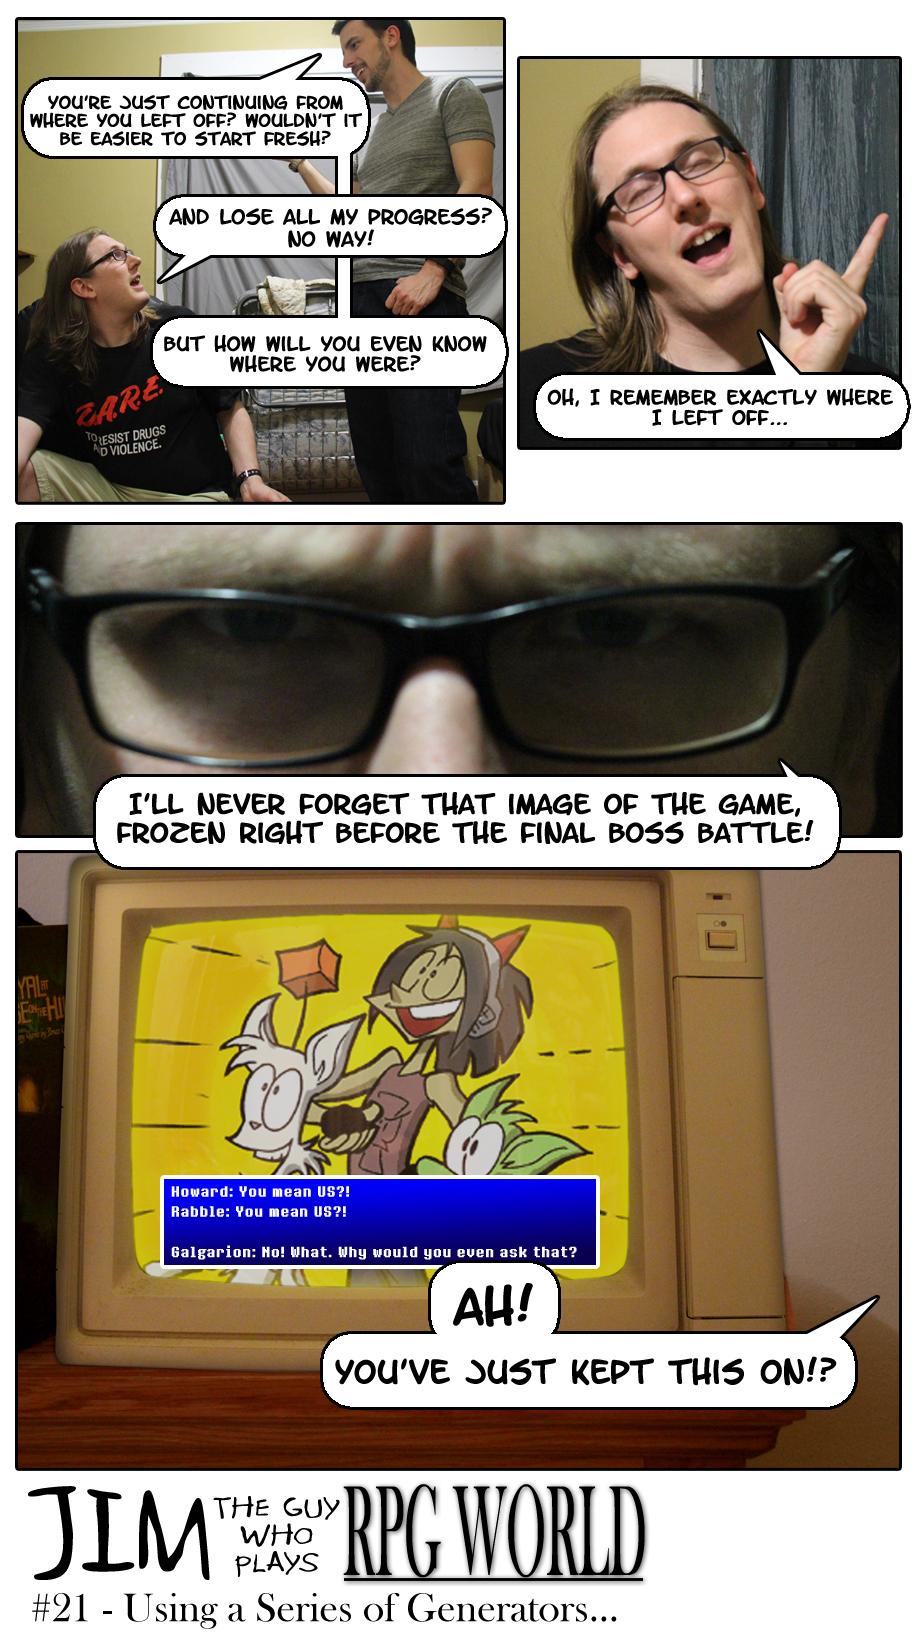 Jim #21 - Using a Series of Generators...